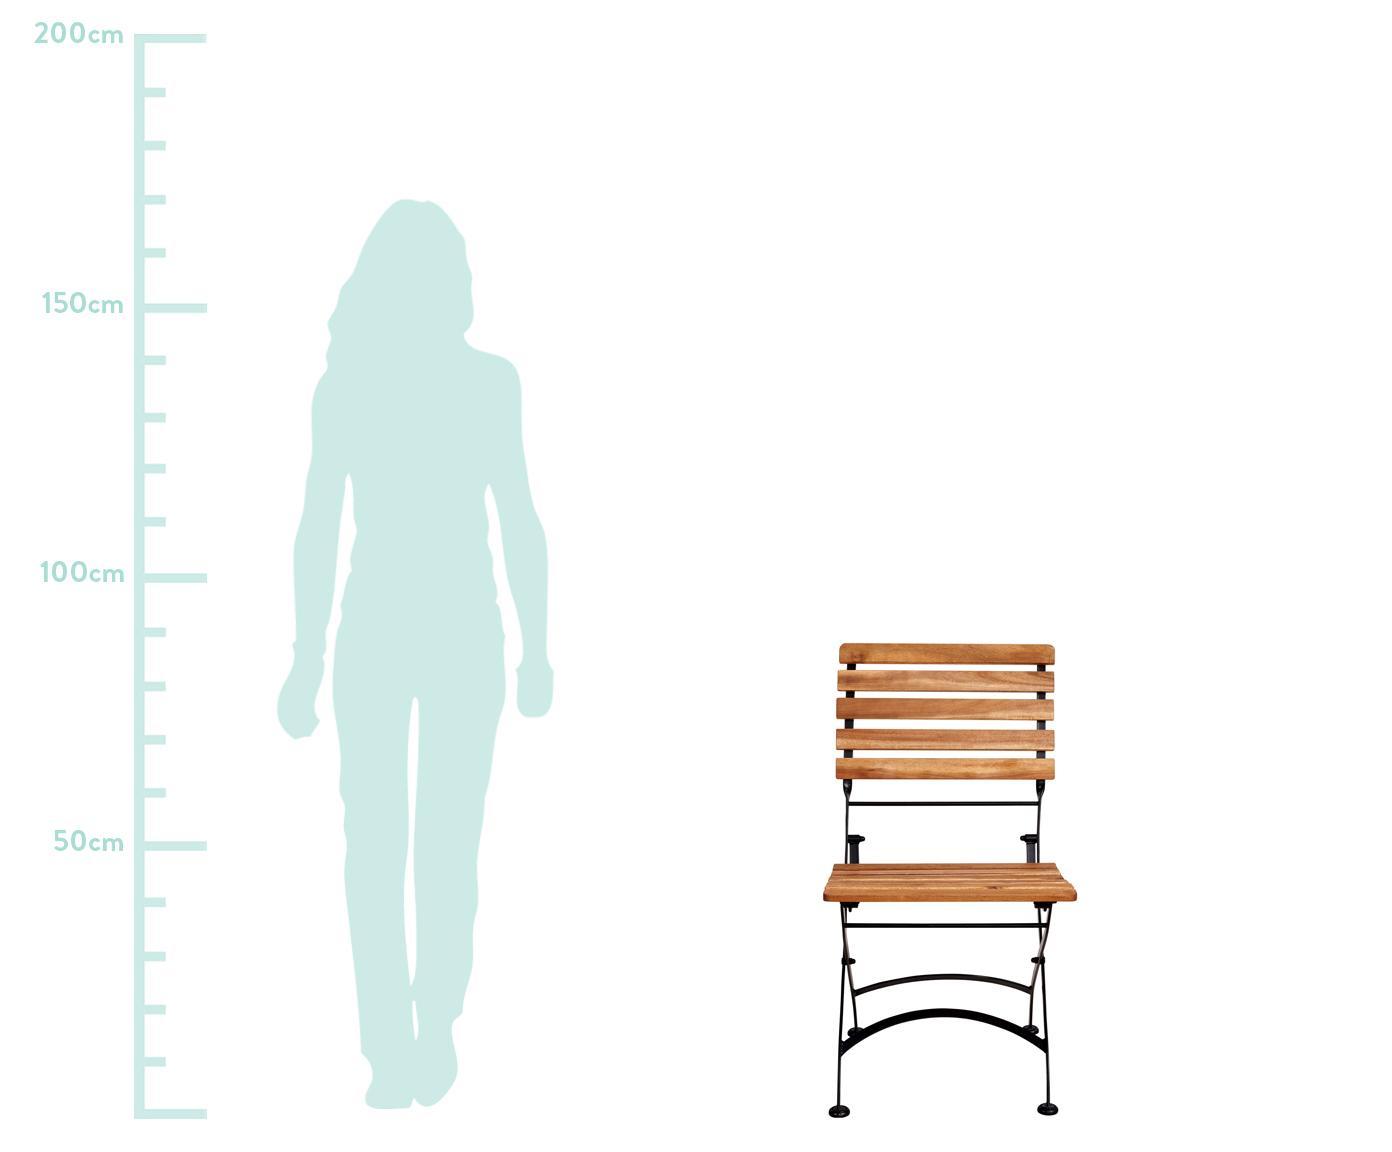 Klapstoelen Parklife, 2 stuks, Zitvlak: geolied acaciahout, ®FSC-, Frame: verzinkt en gepoedercoat , Zwart, acaciahoutkleurig, B 47 x D 54 cm